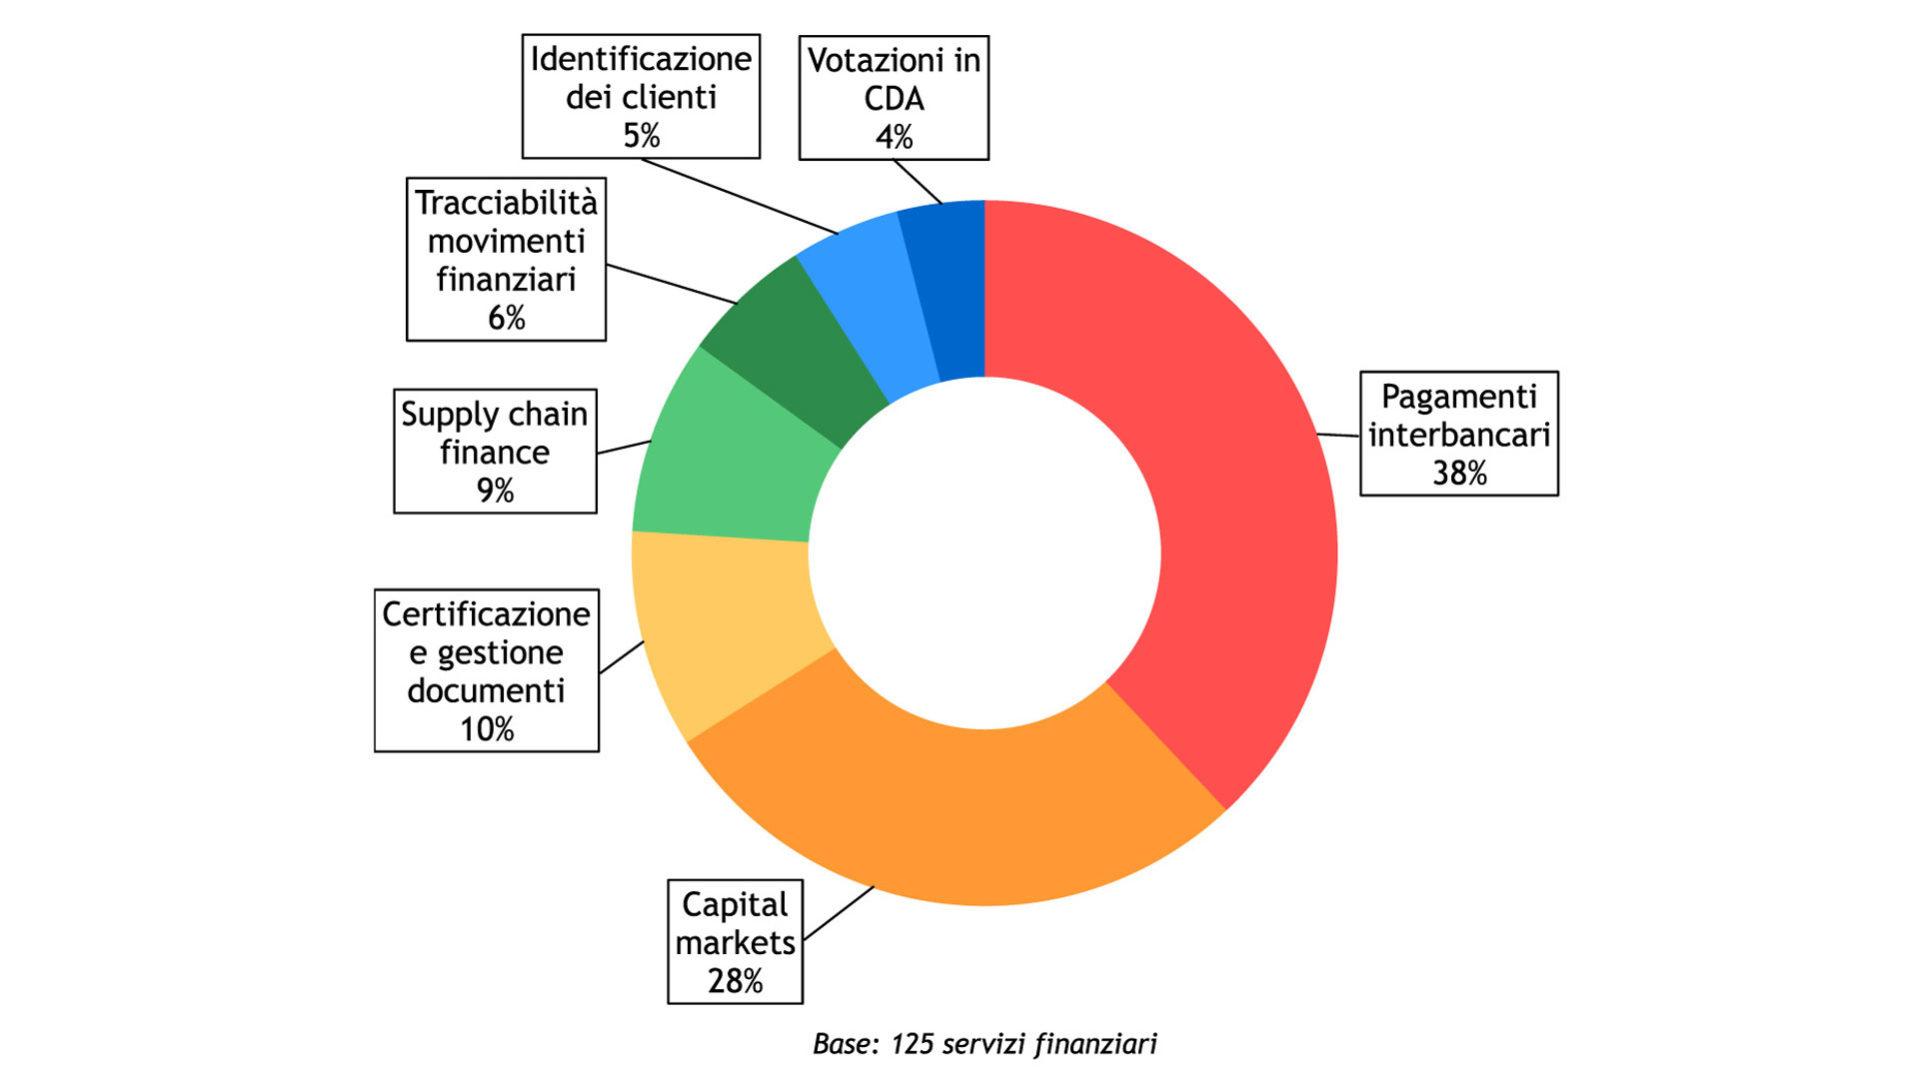 La distribuzione dei servizi finanziari sviluppati su tecnologia blockchain